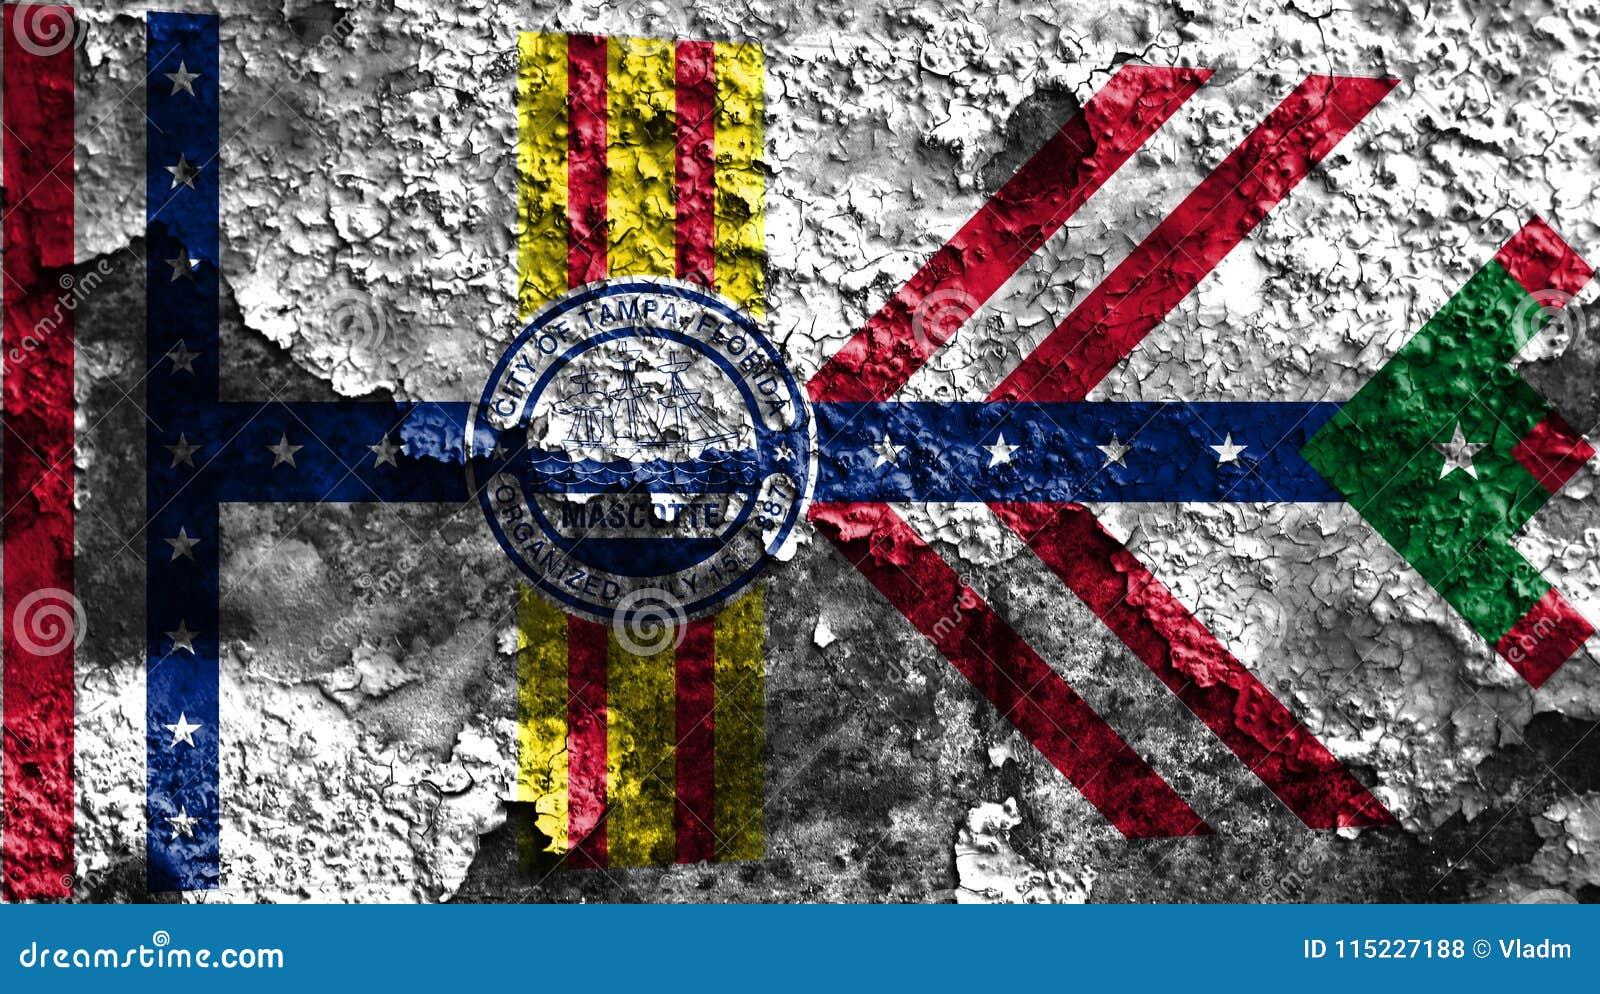 Bandeira do fumo da cidade de Tampa, estado de Florida, Estados Unidos da América